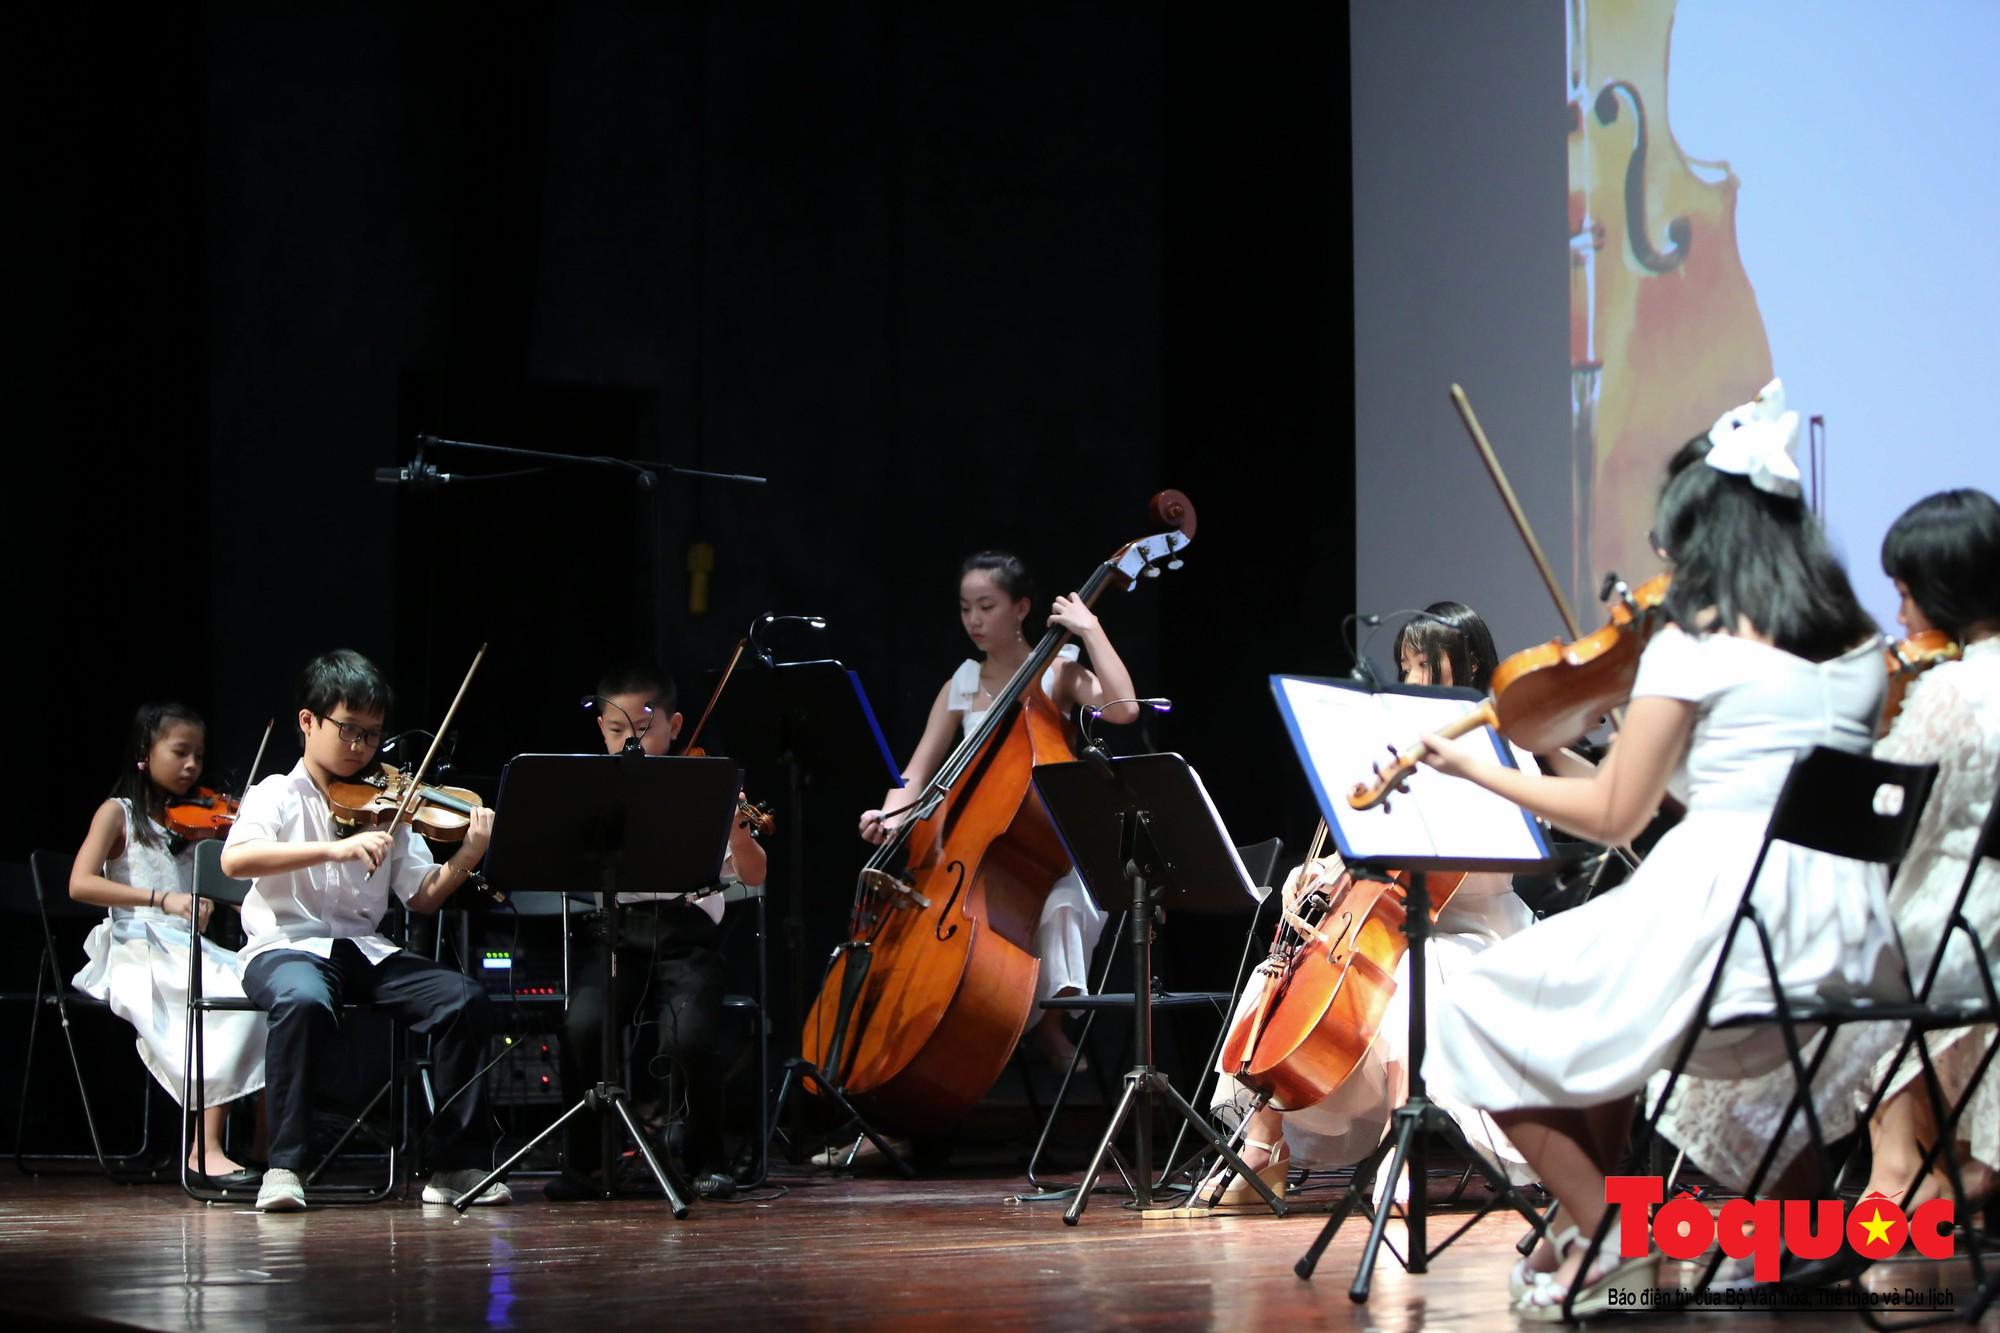 Dàn nhạc giao hưởng nhí đầu tiên của Việt Nam biểu diễn gây quỹ từ thiện (12)